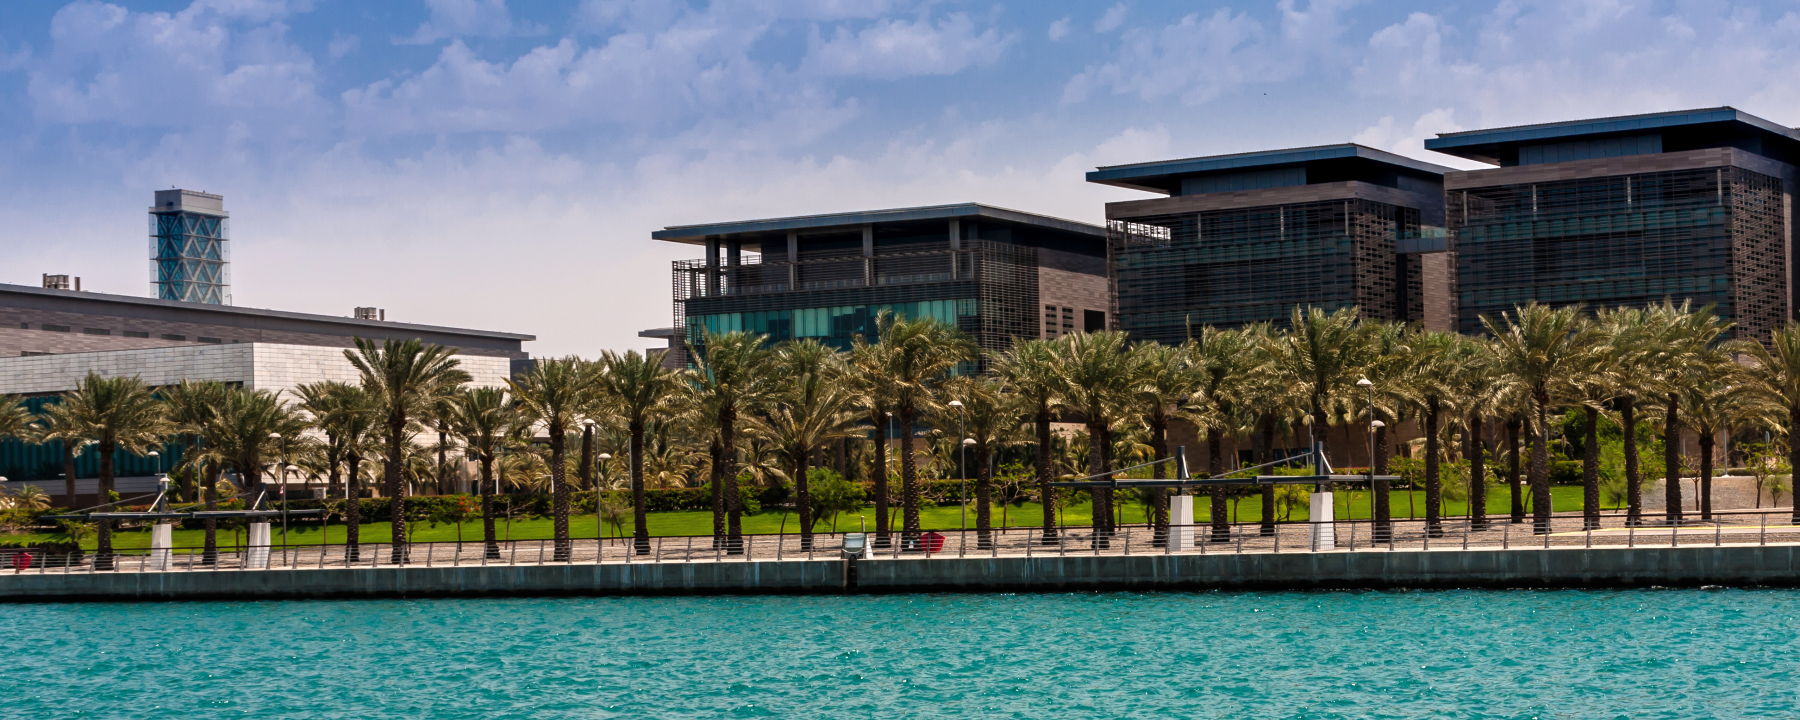 Saudi Arabian Universities Push to Recruit Women Faculty